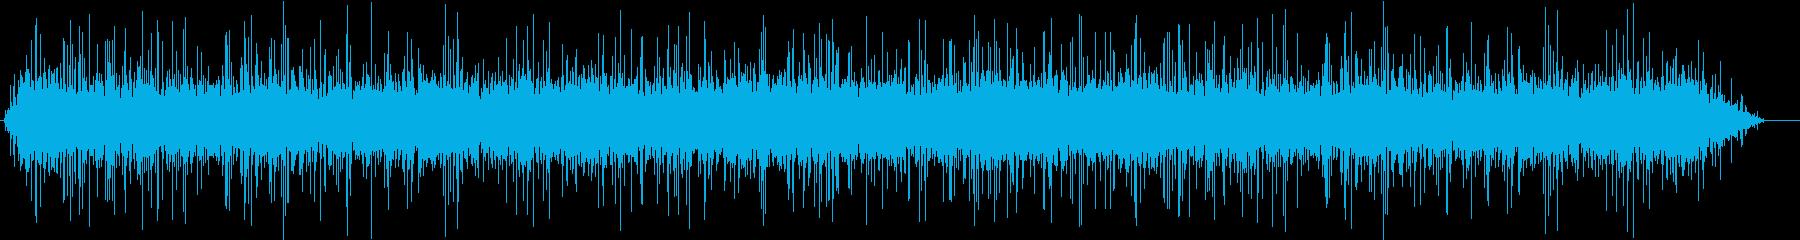 ウッドファイアーミディアム。ファイ...の再生済みの波形